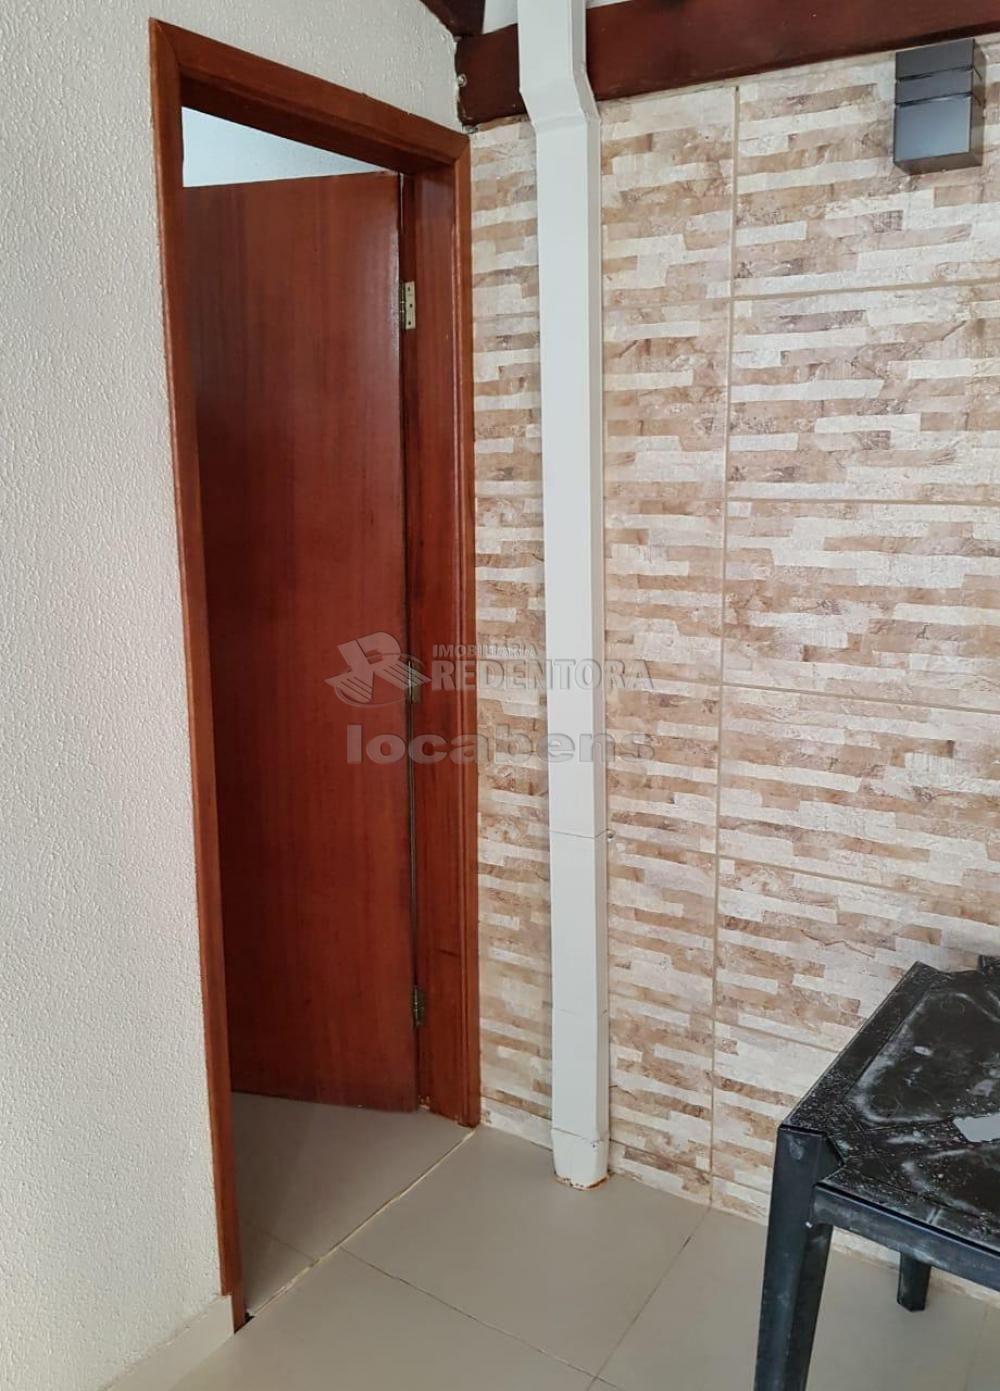 Comprar Casa / Condomínio em São José do Rio Preto apenas R$ 420.000,00 - Foto 7